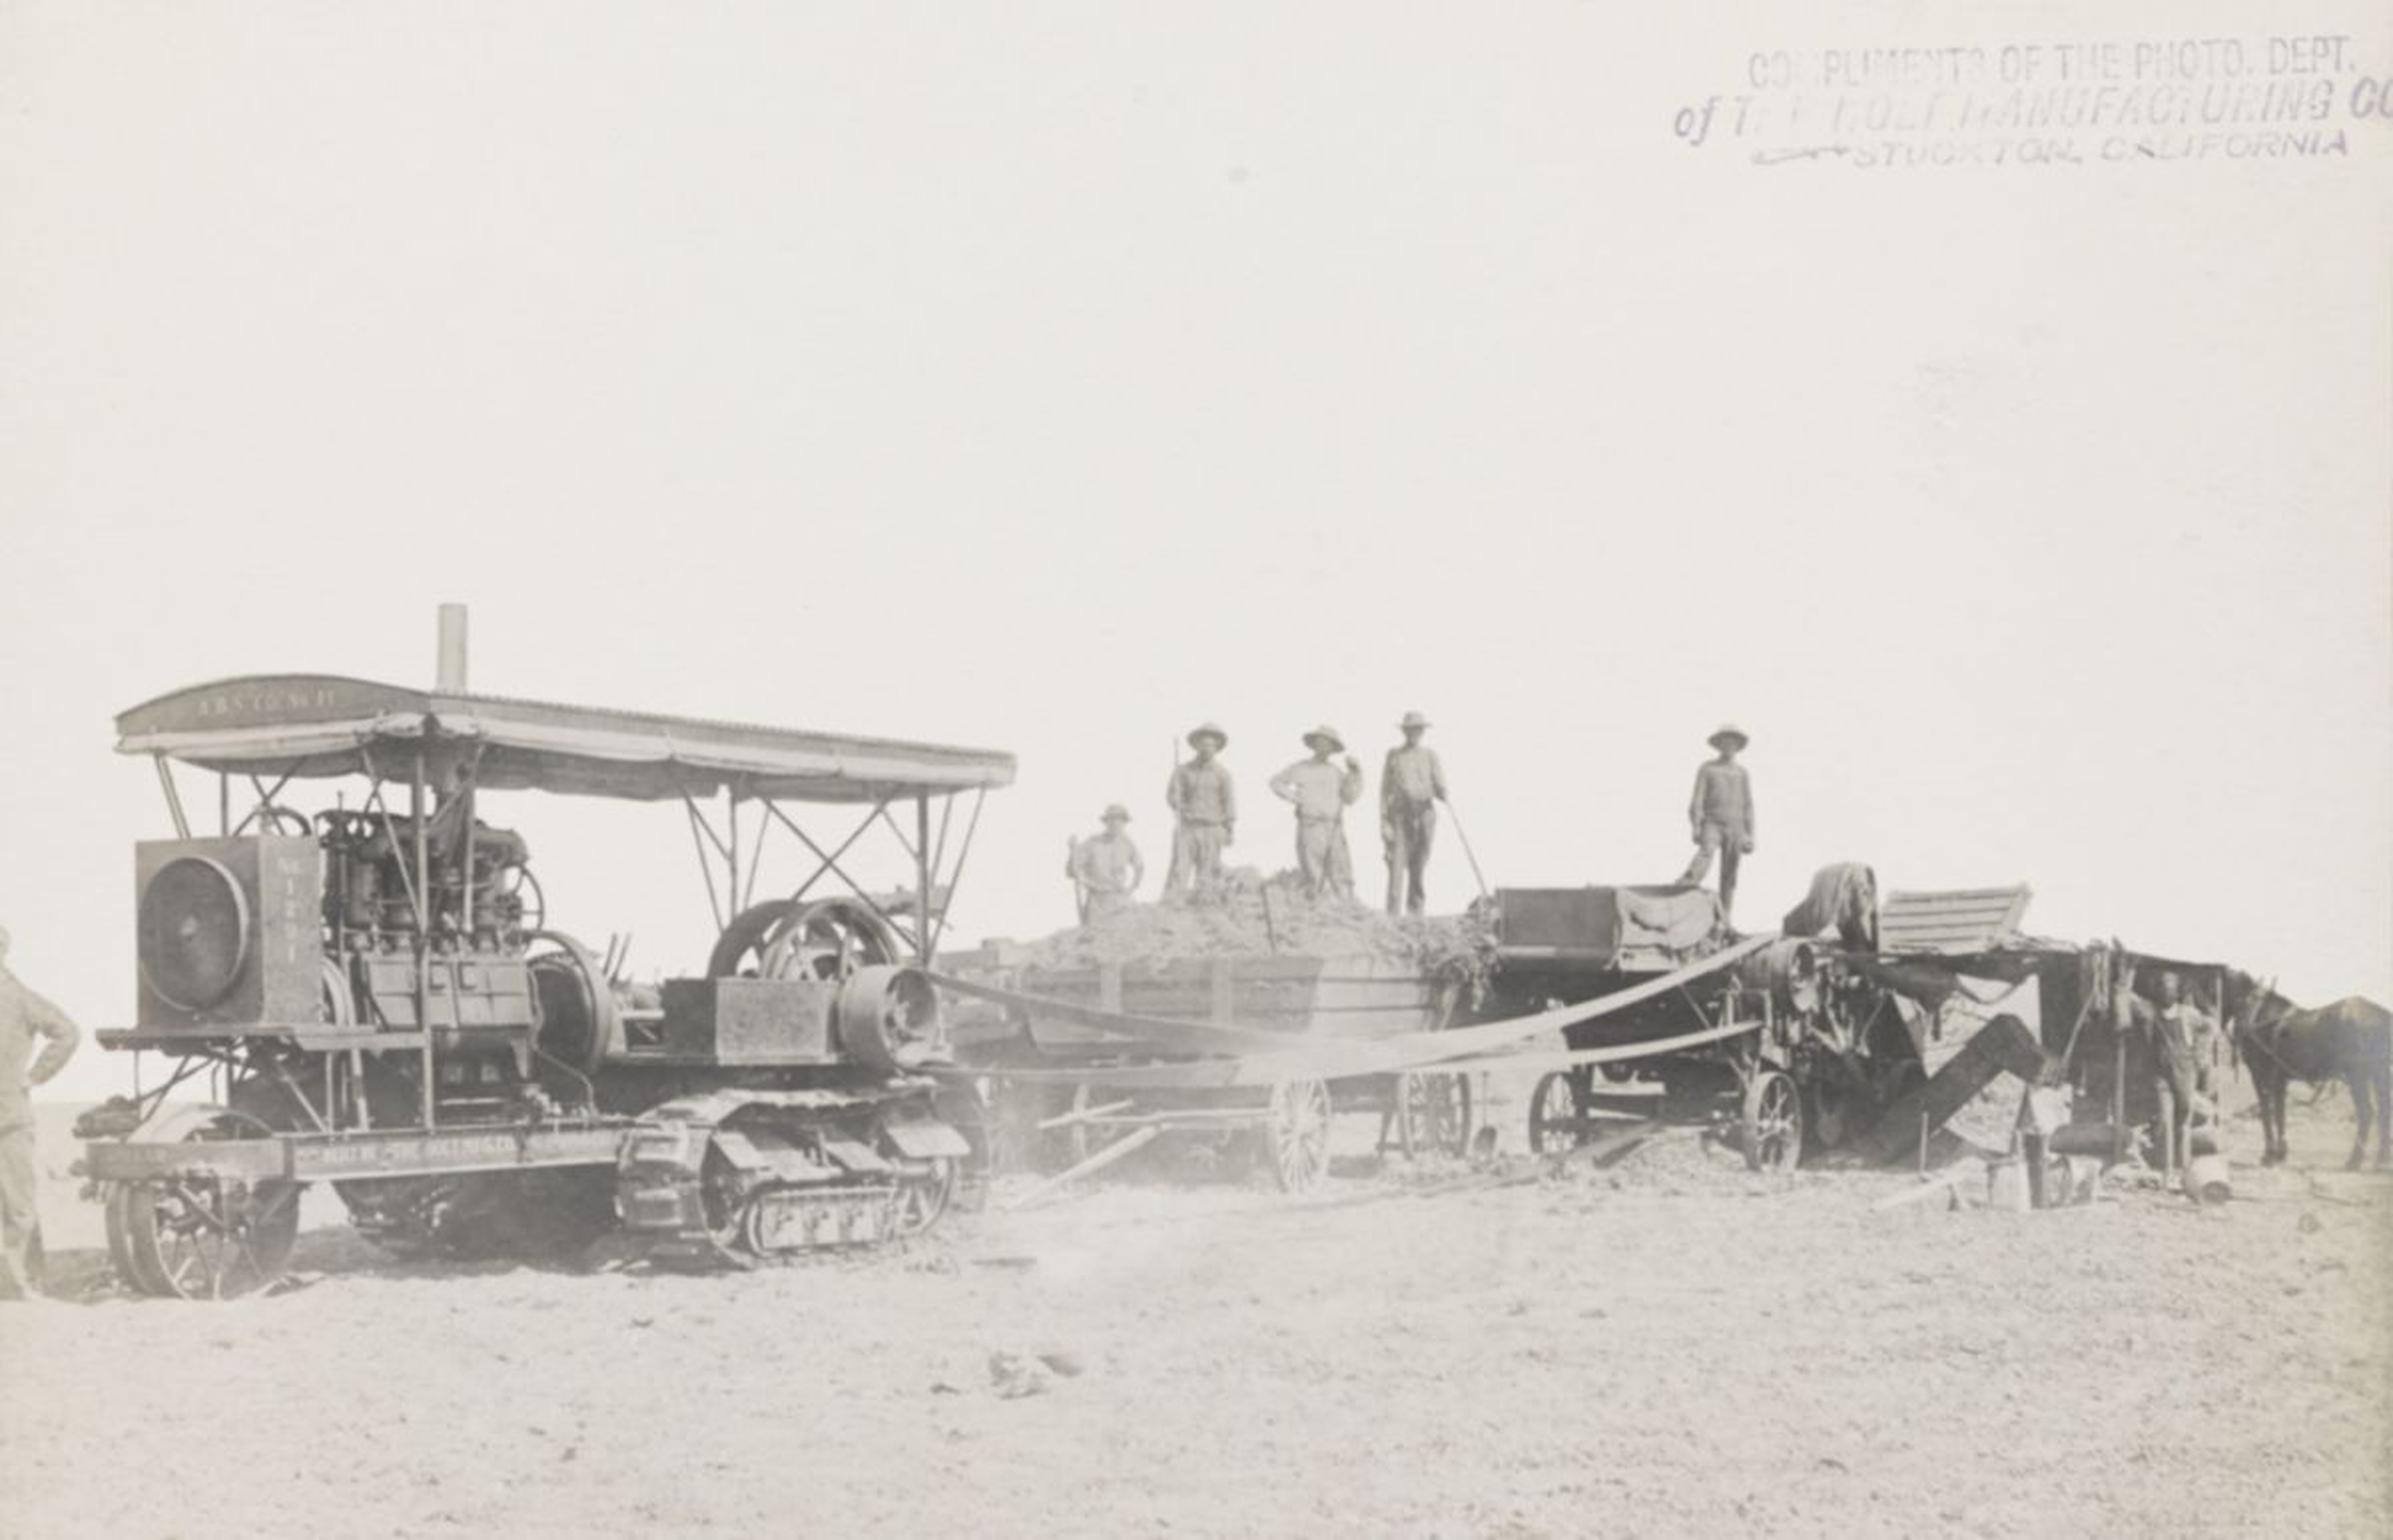 Holt tractors were replacing horses